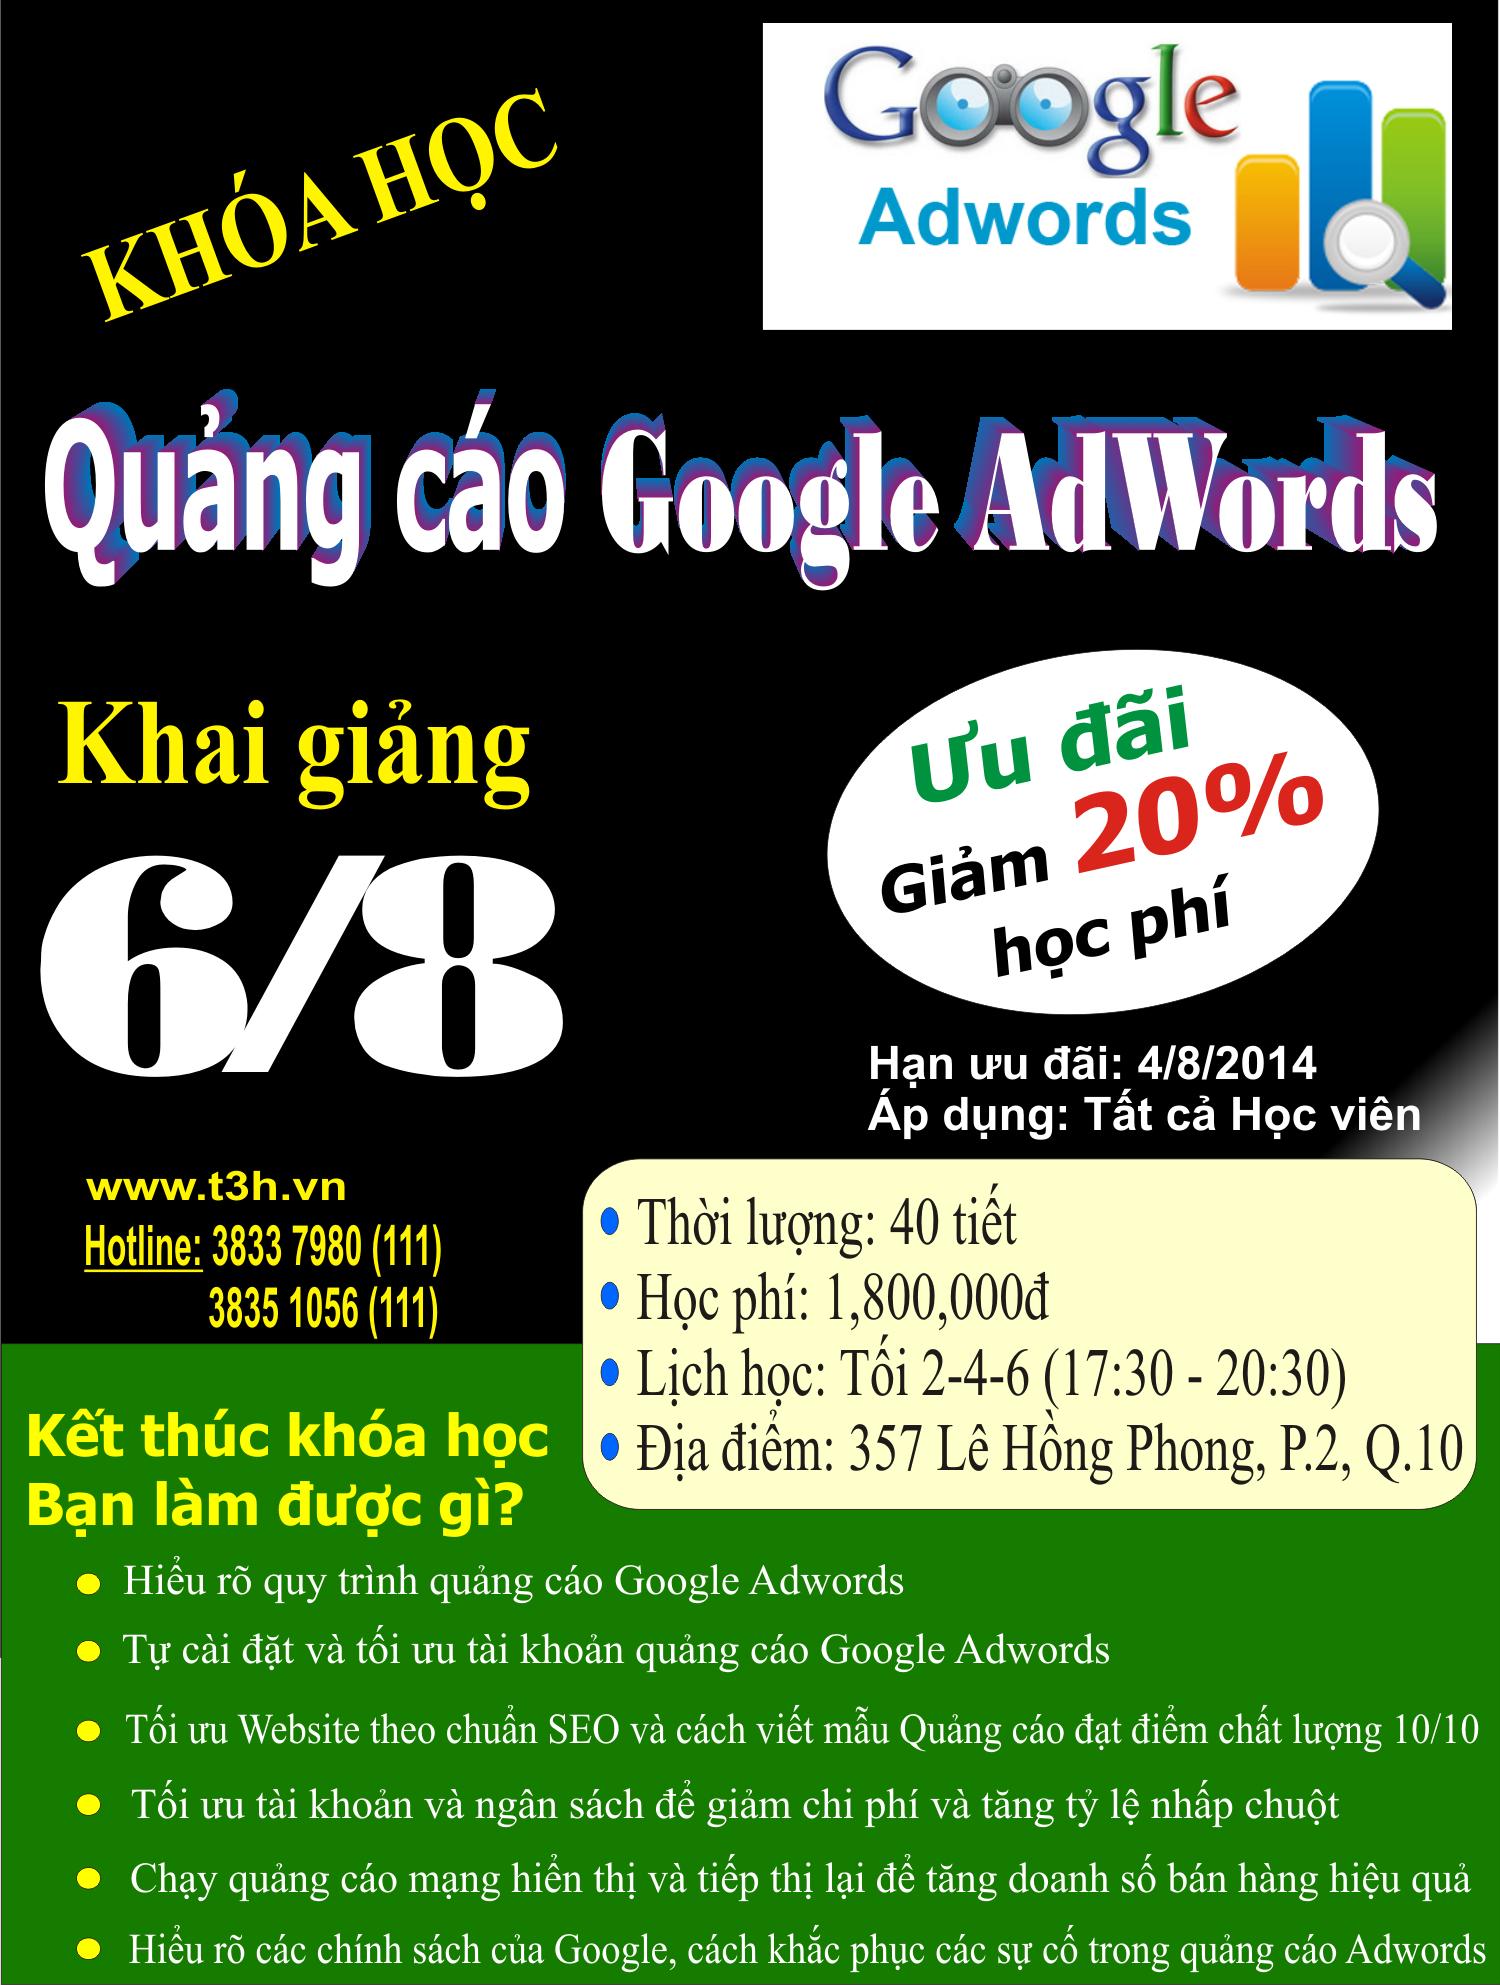 Khóa học: Quảng cáo Google AdWords cho Doanh nghiệp